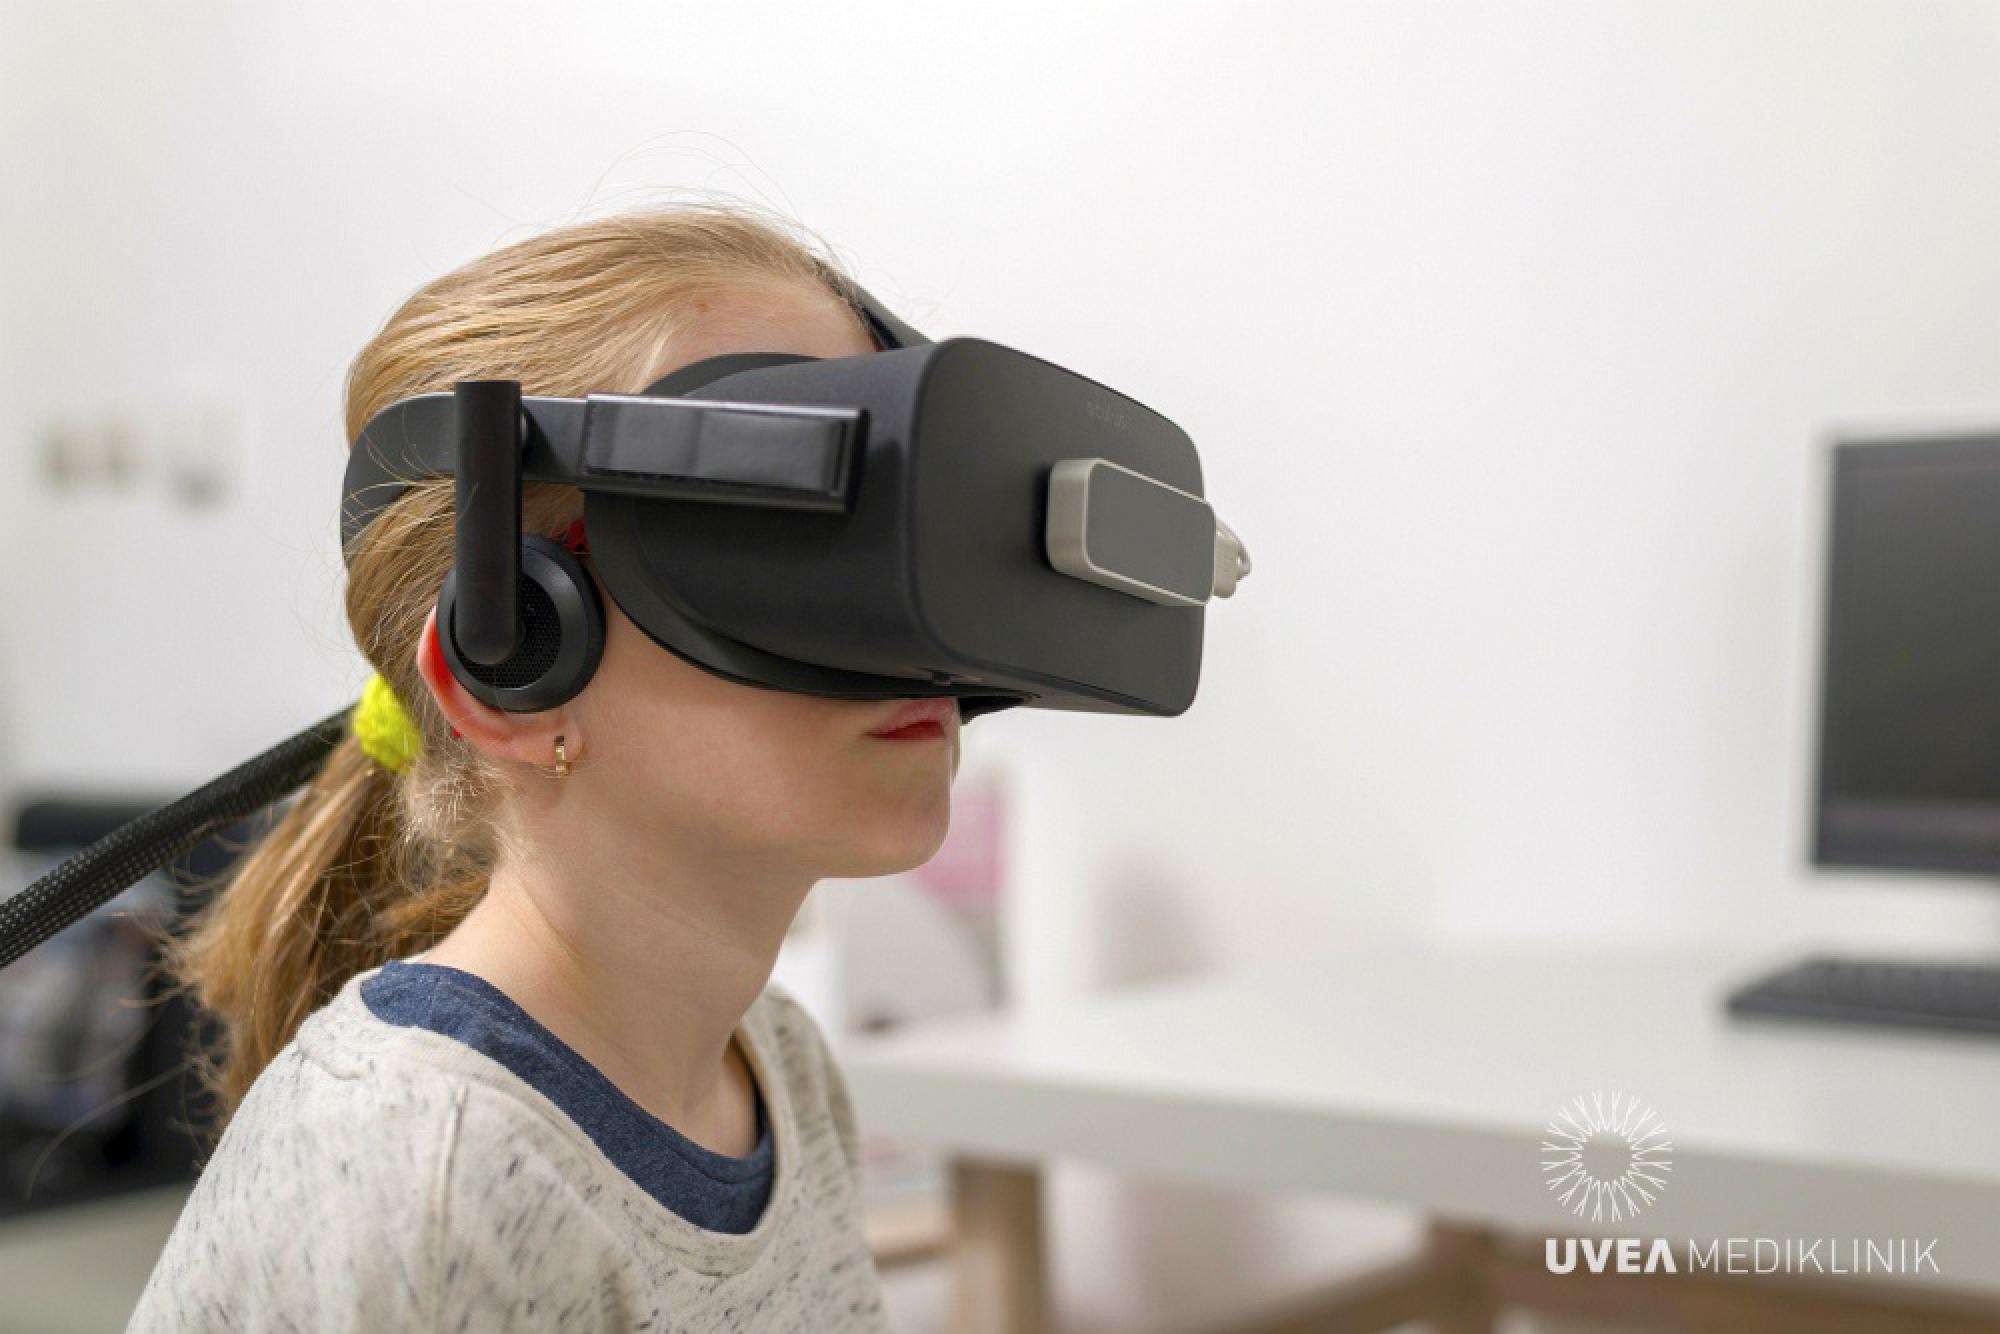 cccc9a5f2 Naše vedecké poznatky o liečbe tupozrakosti pomocou virtuálnej reality si  všimli ...